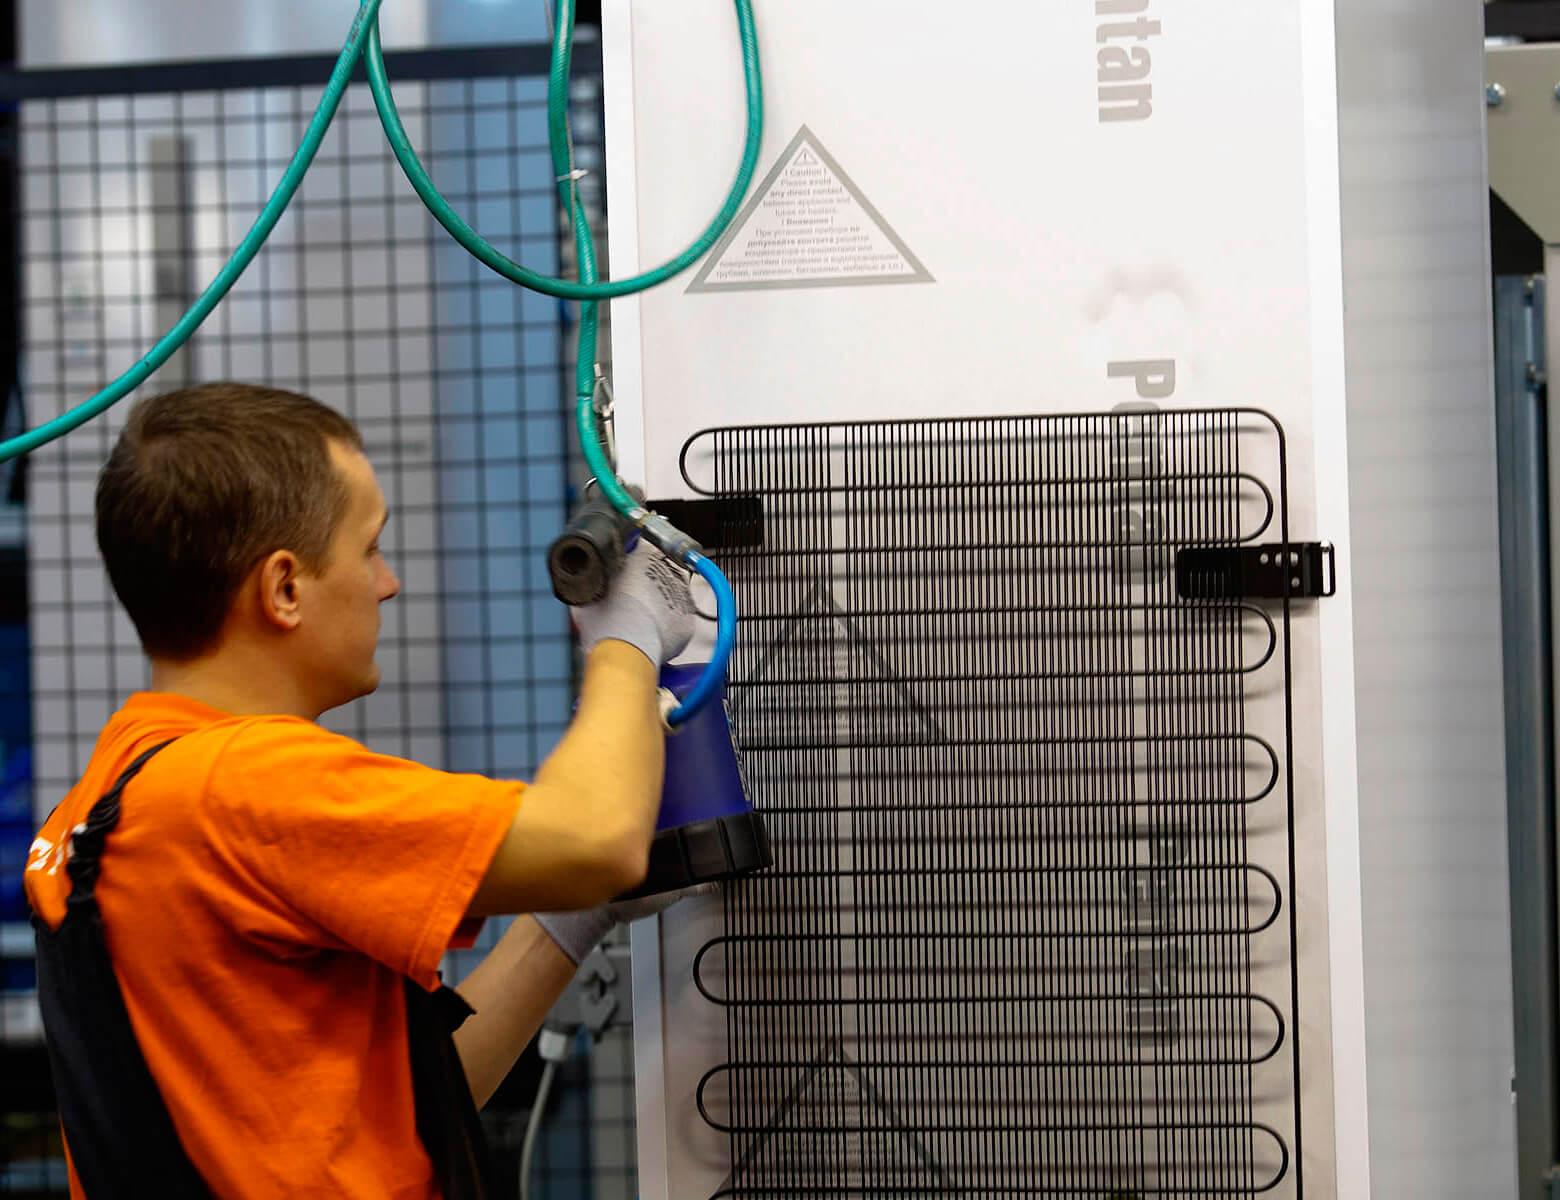 Что делать, если сломался холодильник: ремонтируем своими руками